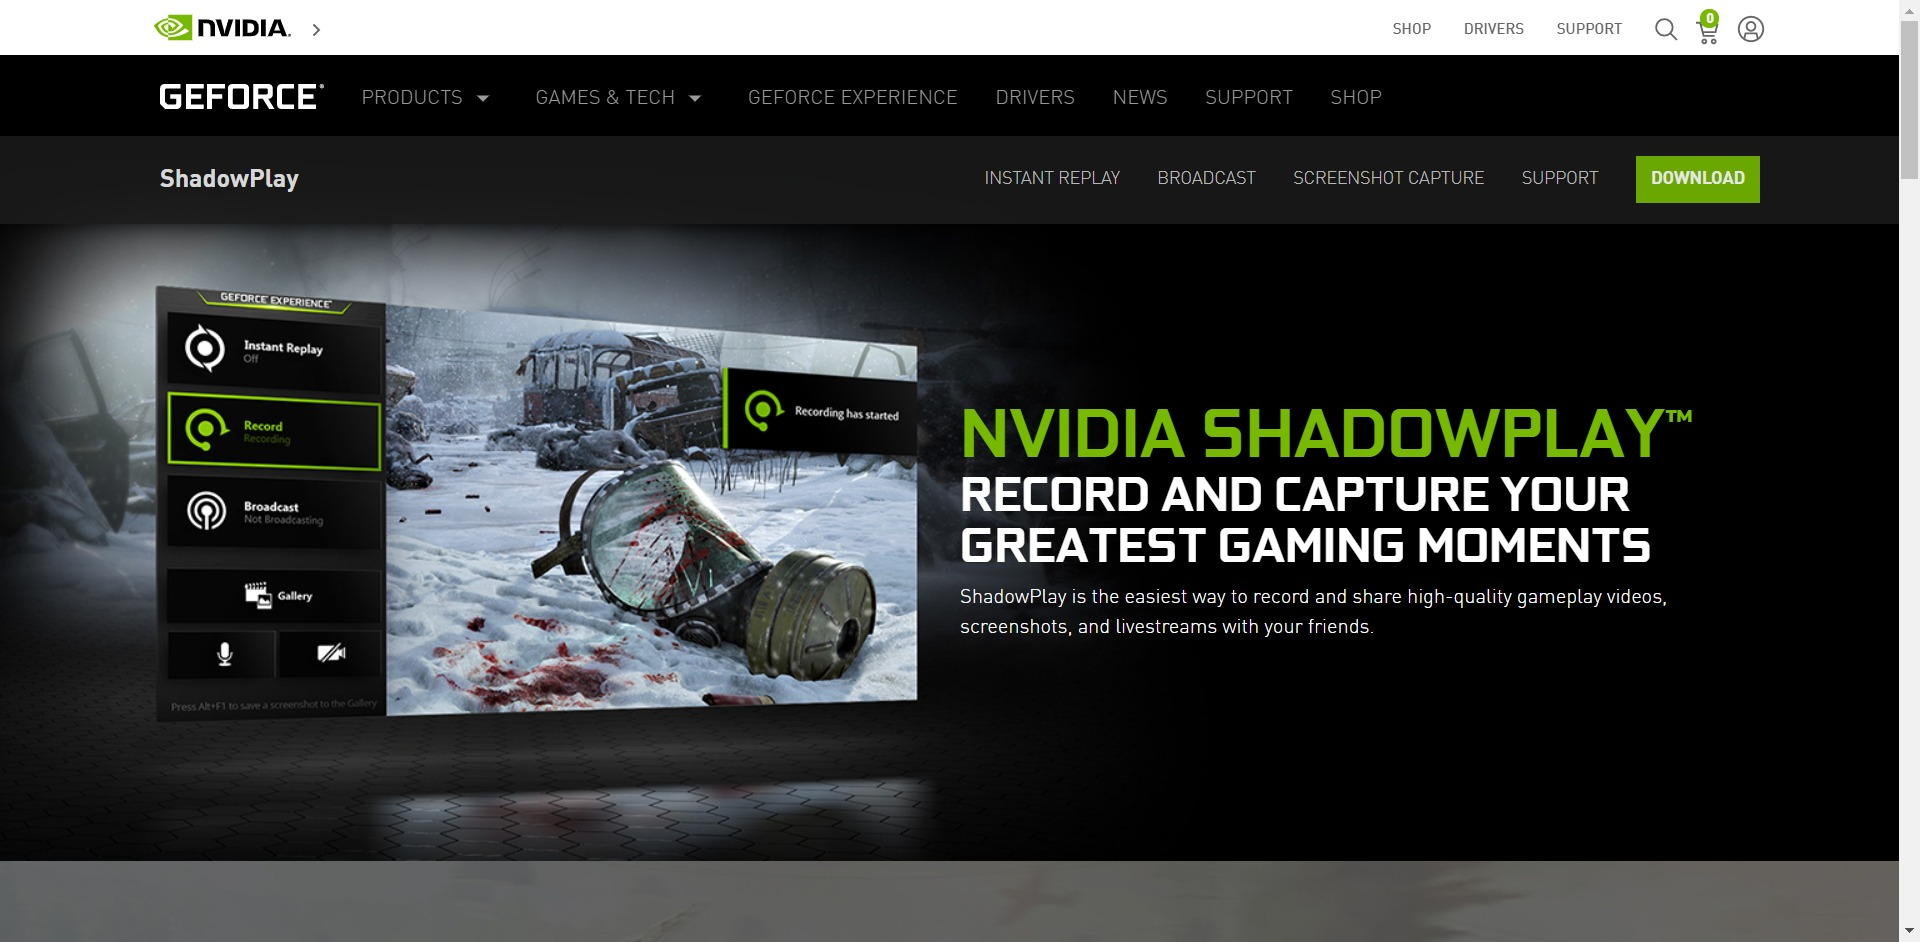 NVIDIA ShadowPlay main page